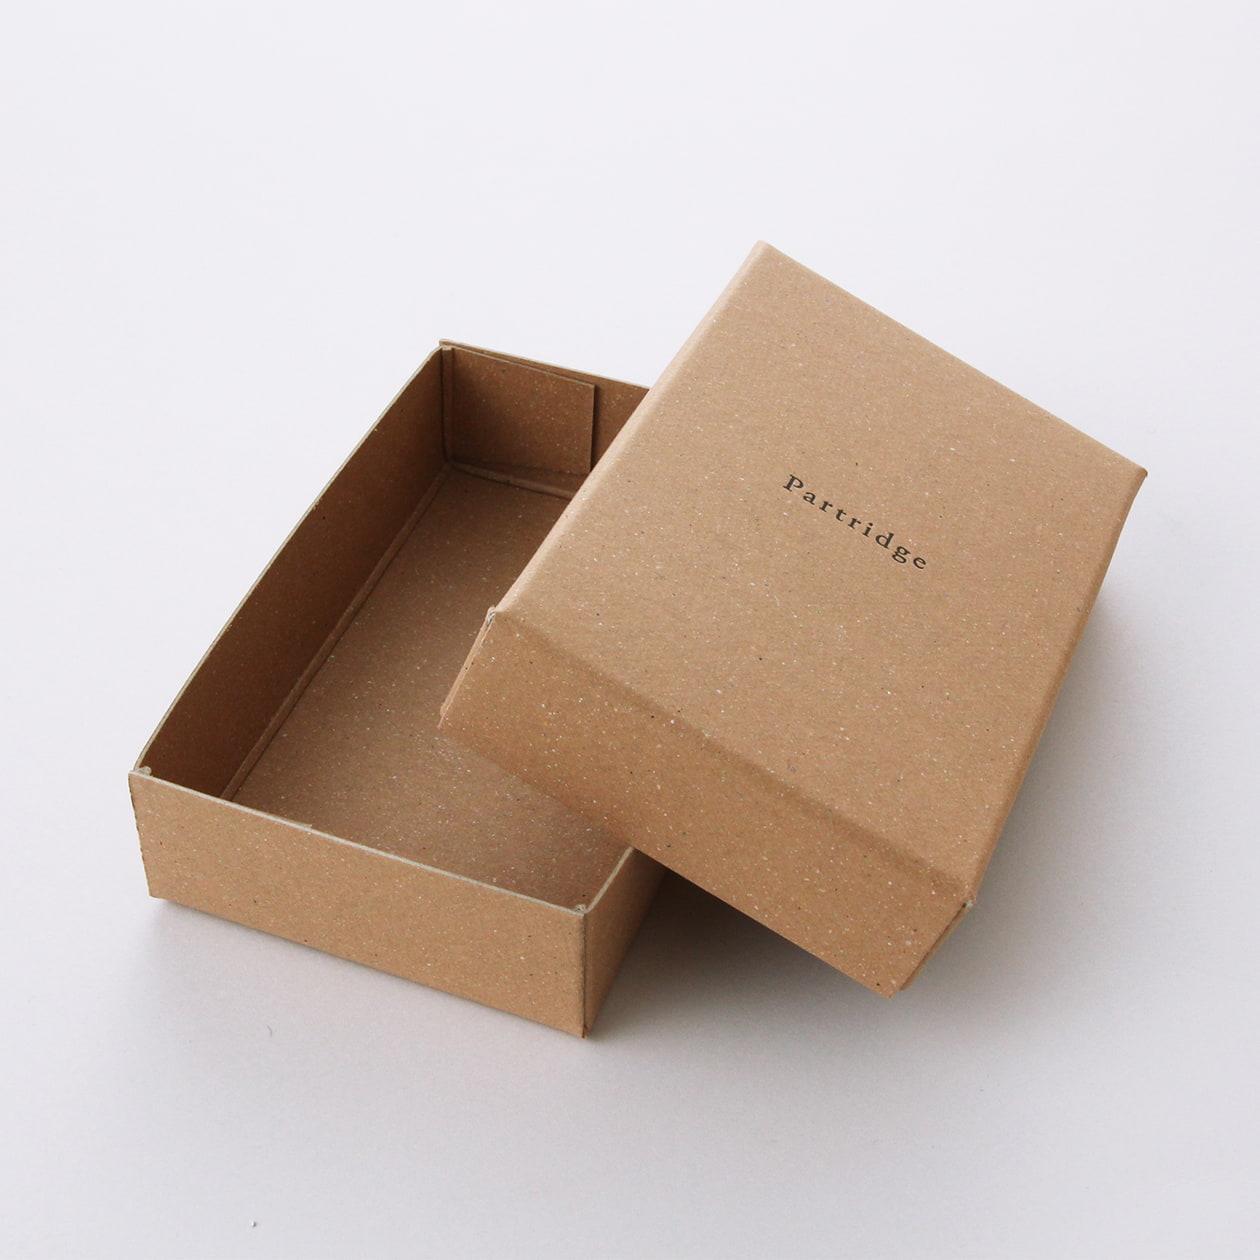 サンプル 箱(糊どめ) 00031